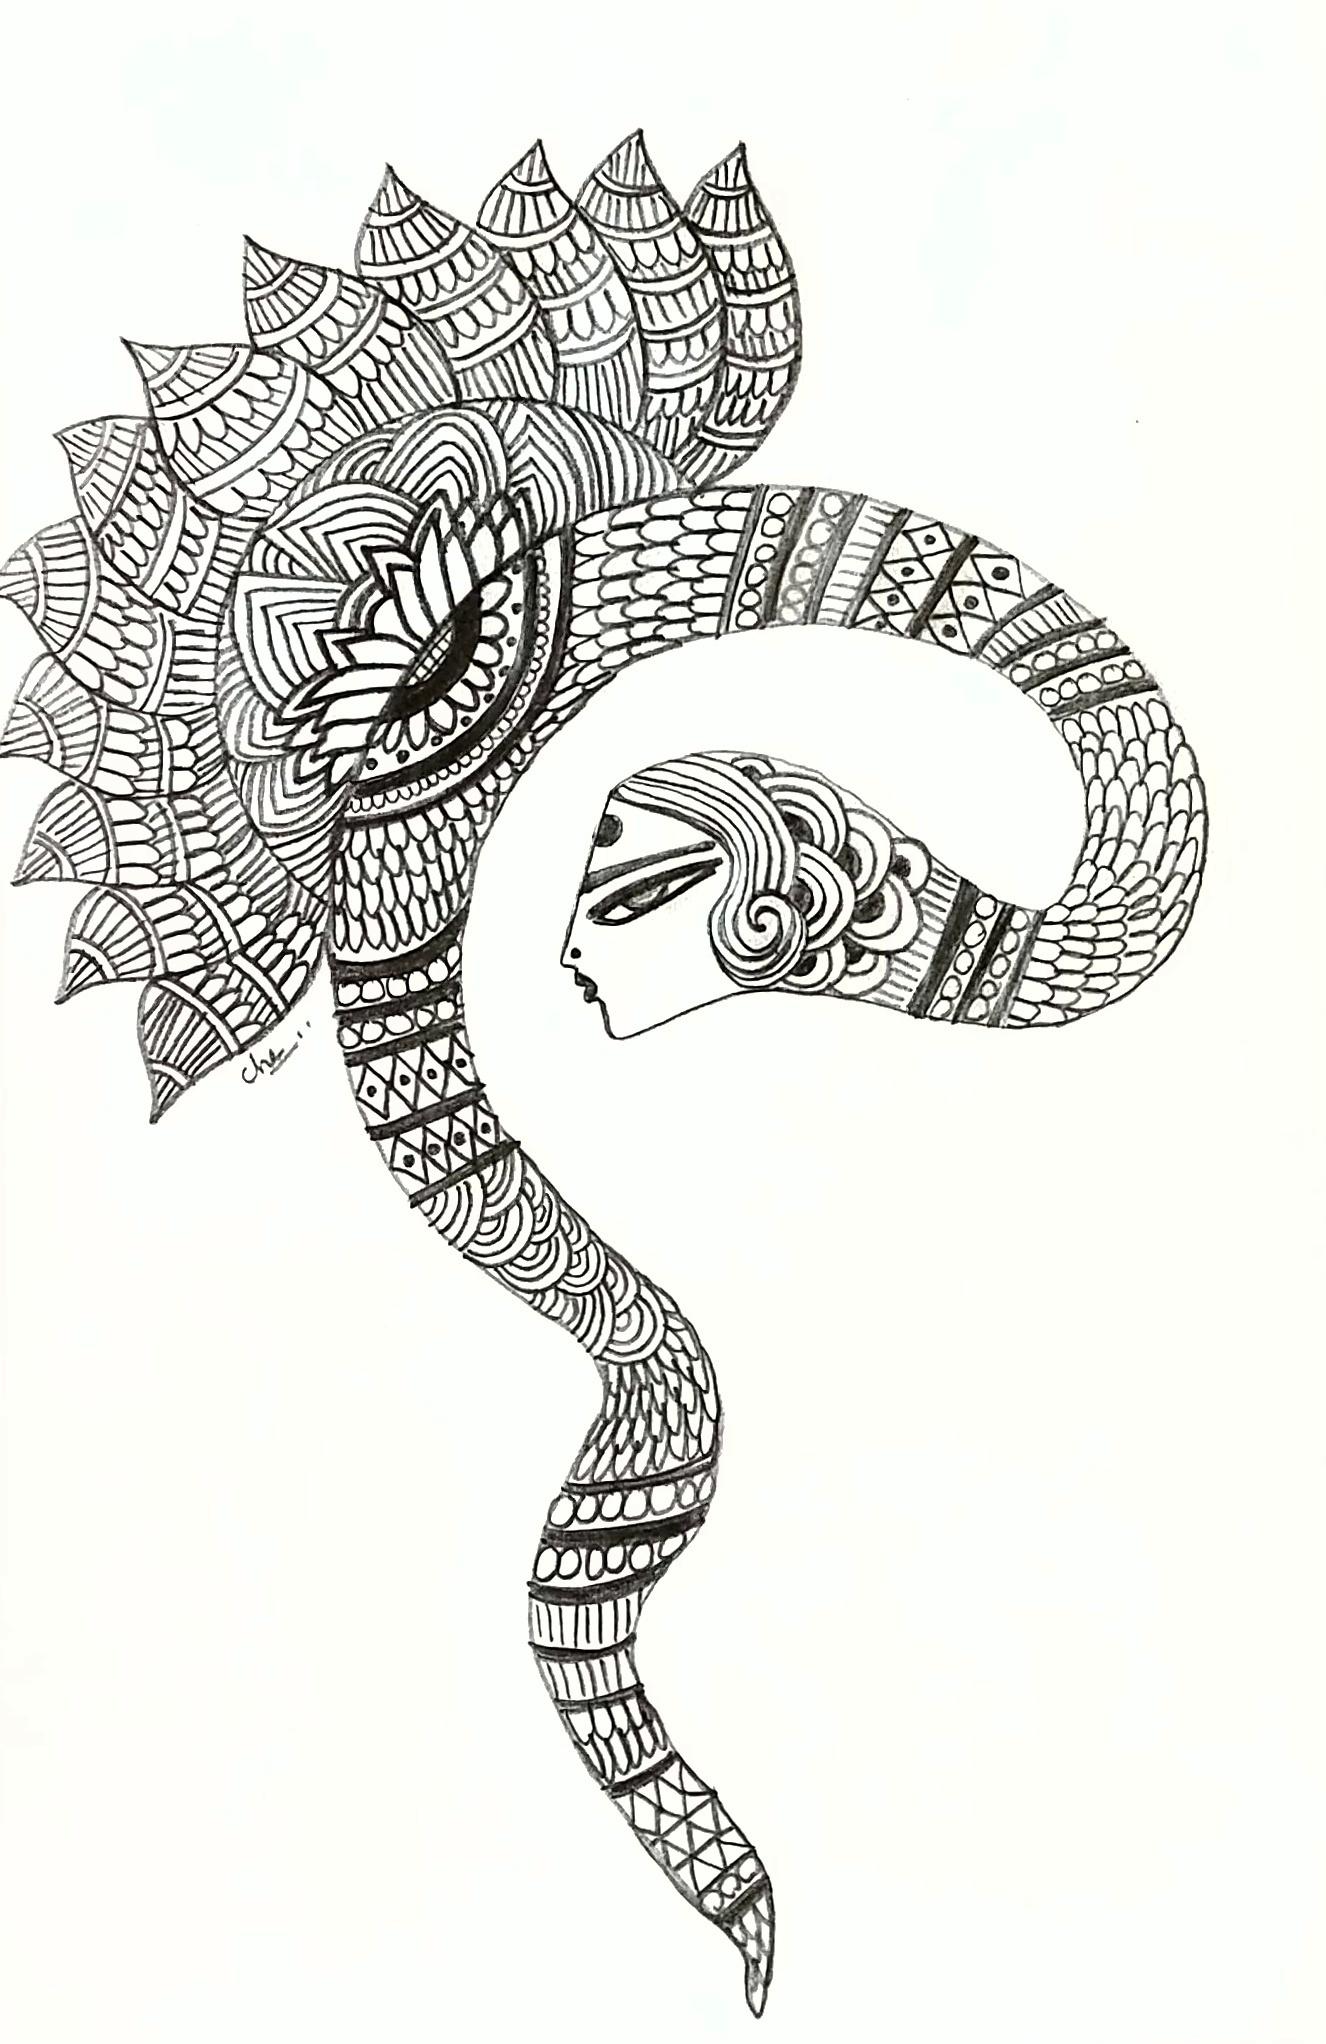 ಸಹಸ್ರಾರ - ಕುಂಡಲಿನೀ